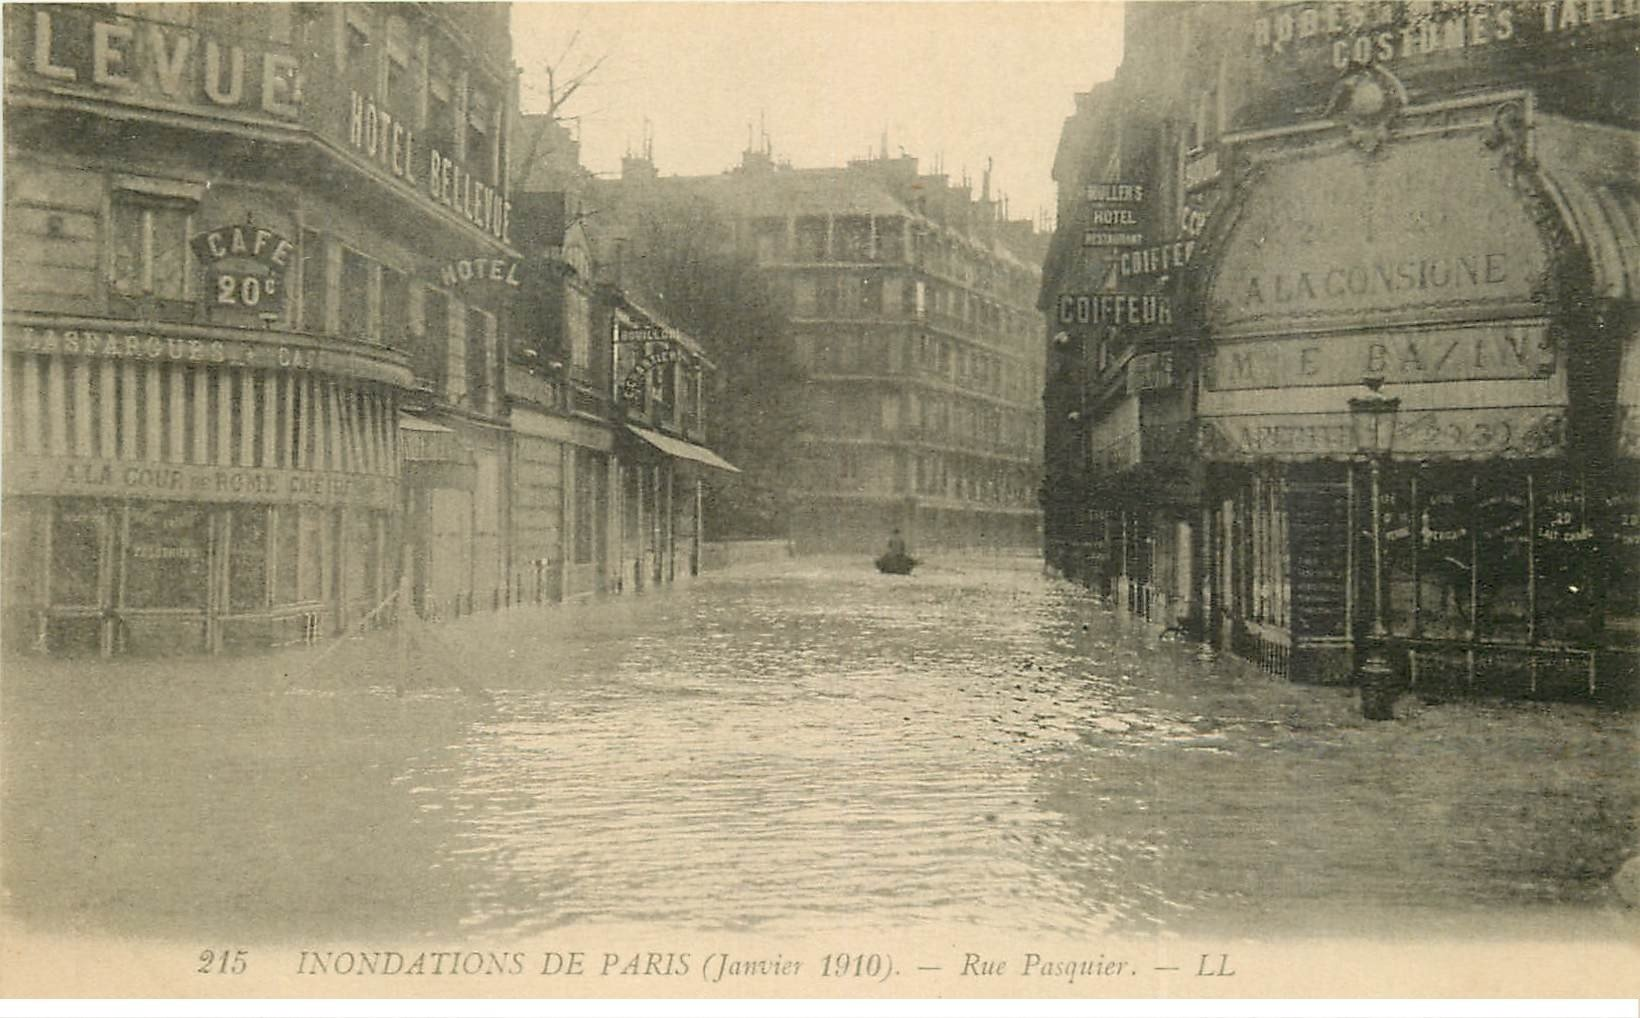 carte postale ancienne INONDATION ET CRUE DE PARIS 1910. Rue Pasquier Café A la Cour de Rome